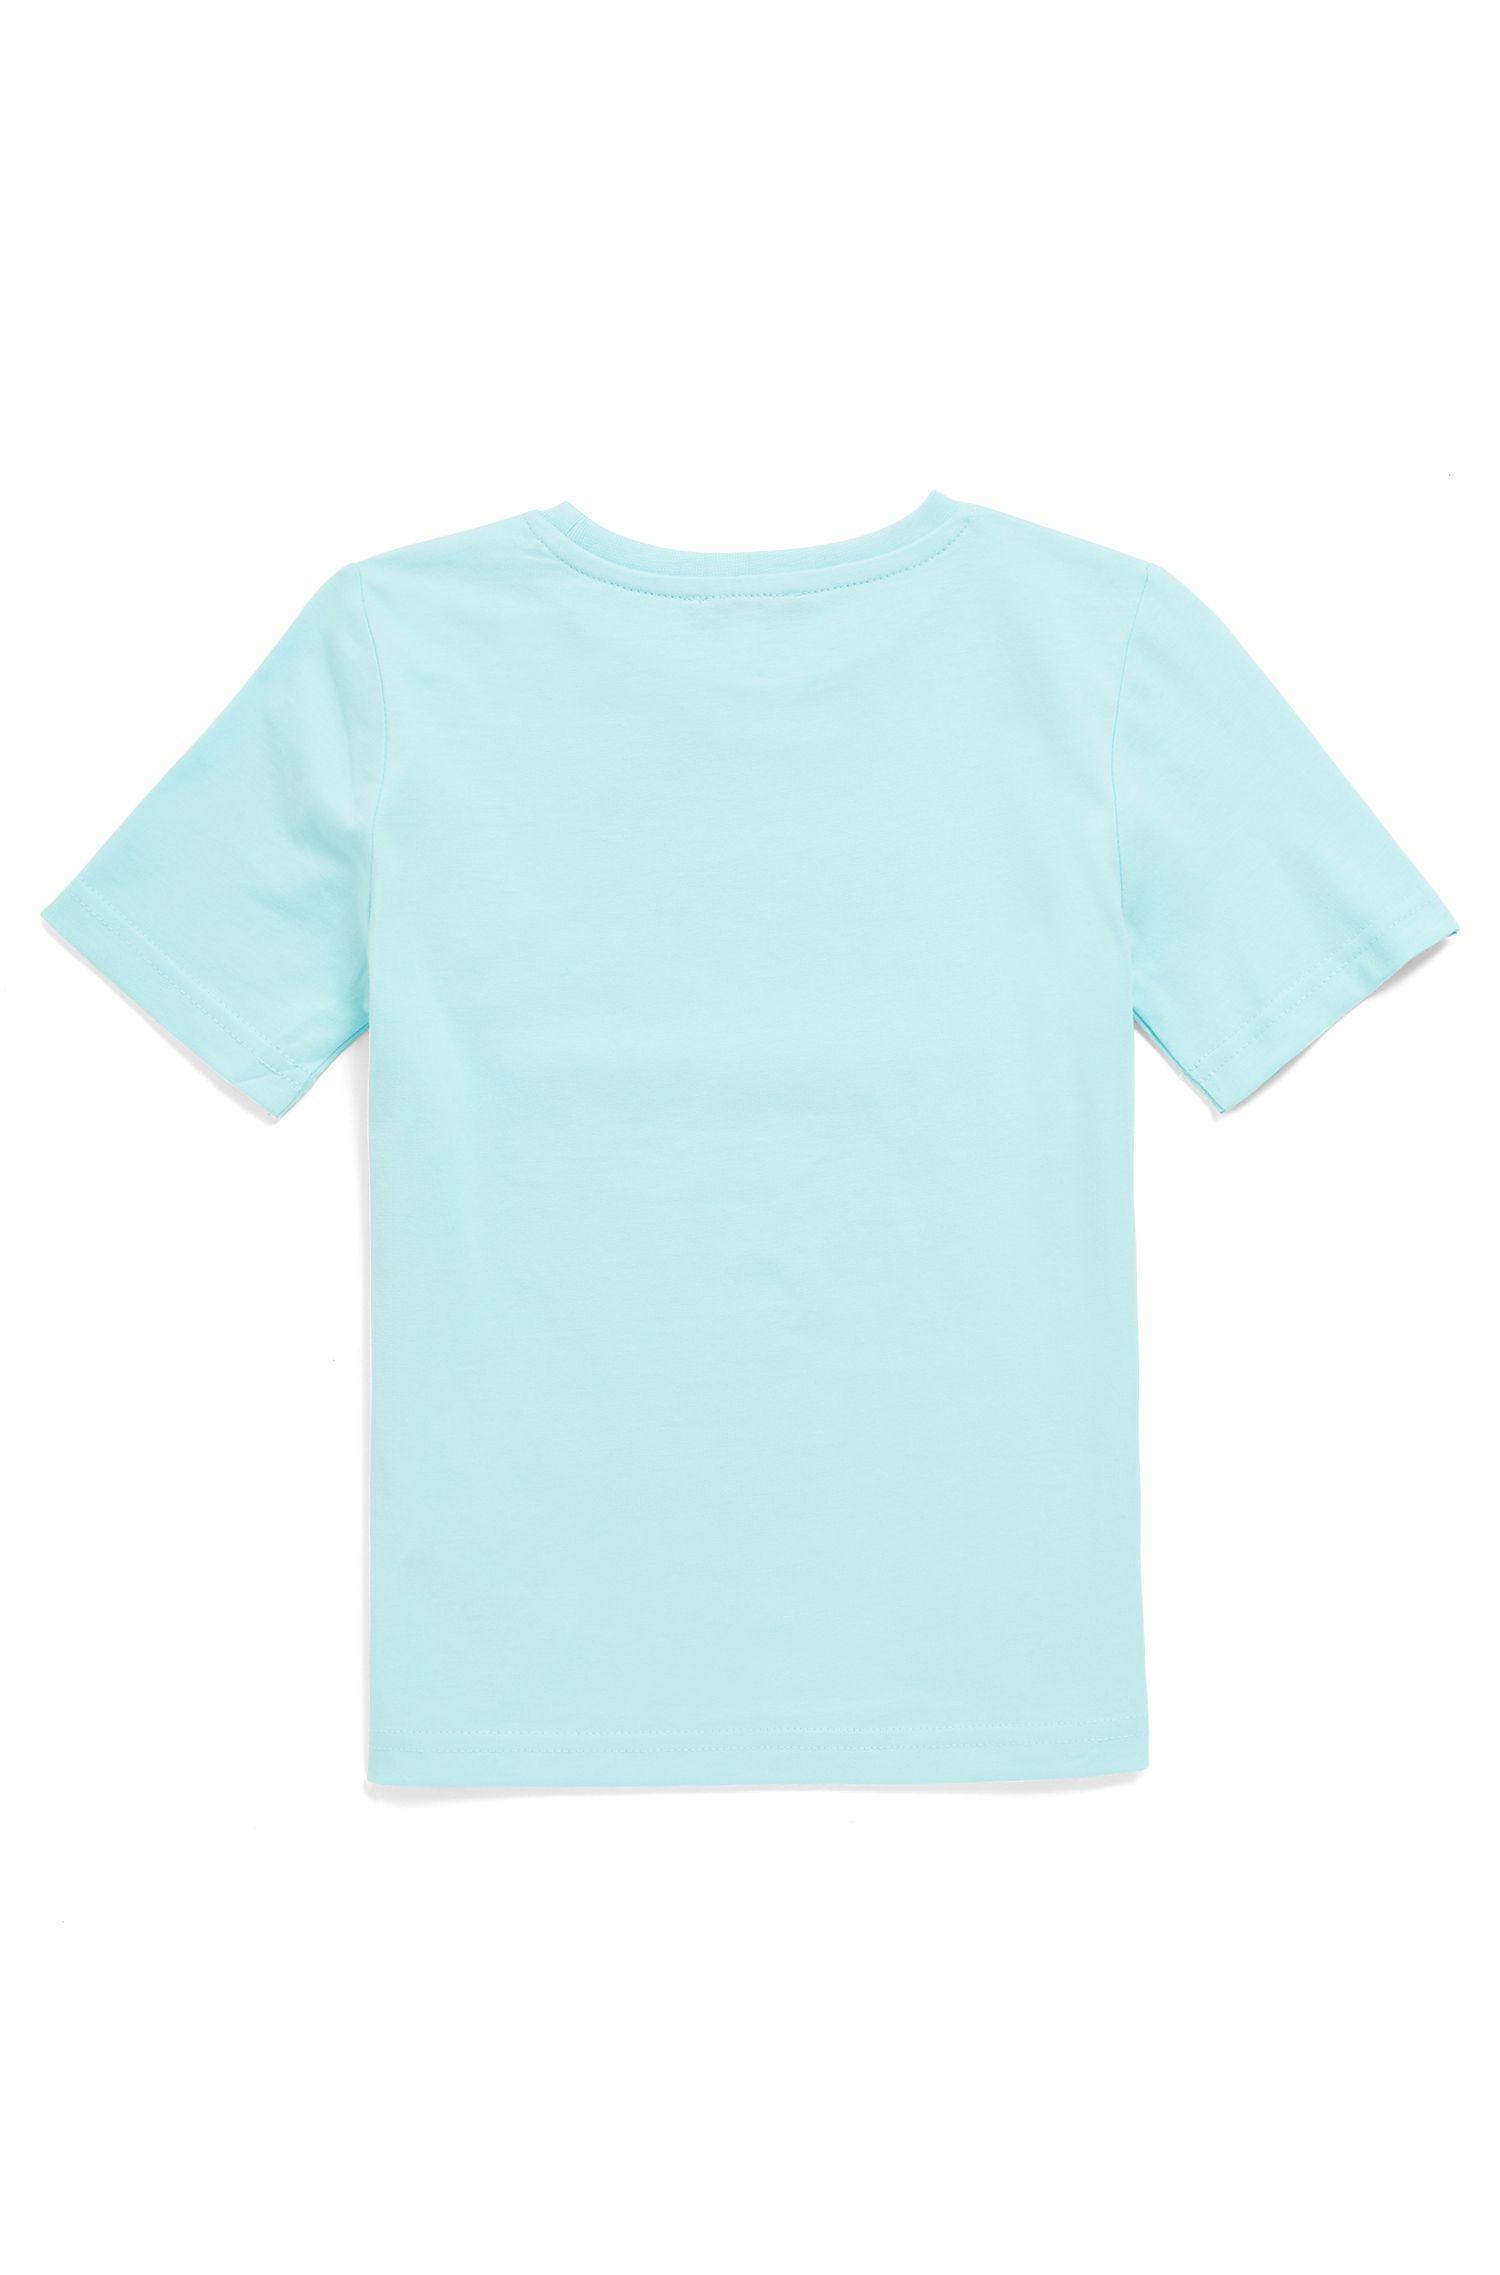 T-shirt à manches courtes en coton à logo imprimé, pour enfant, Bleu vif